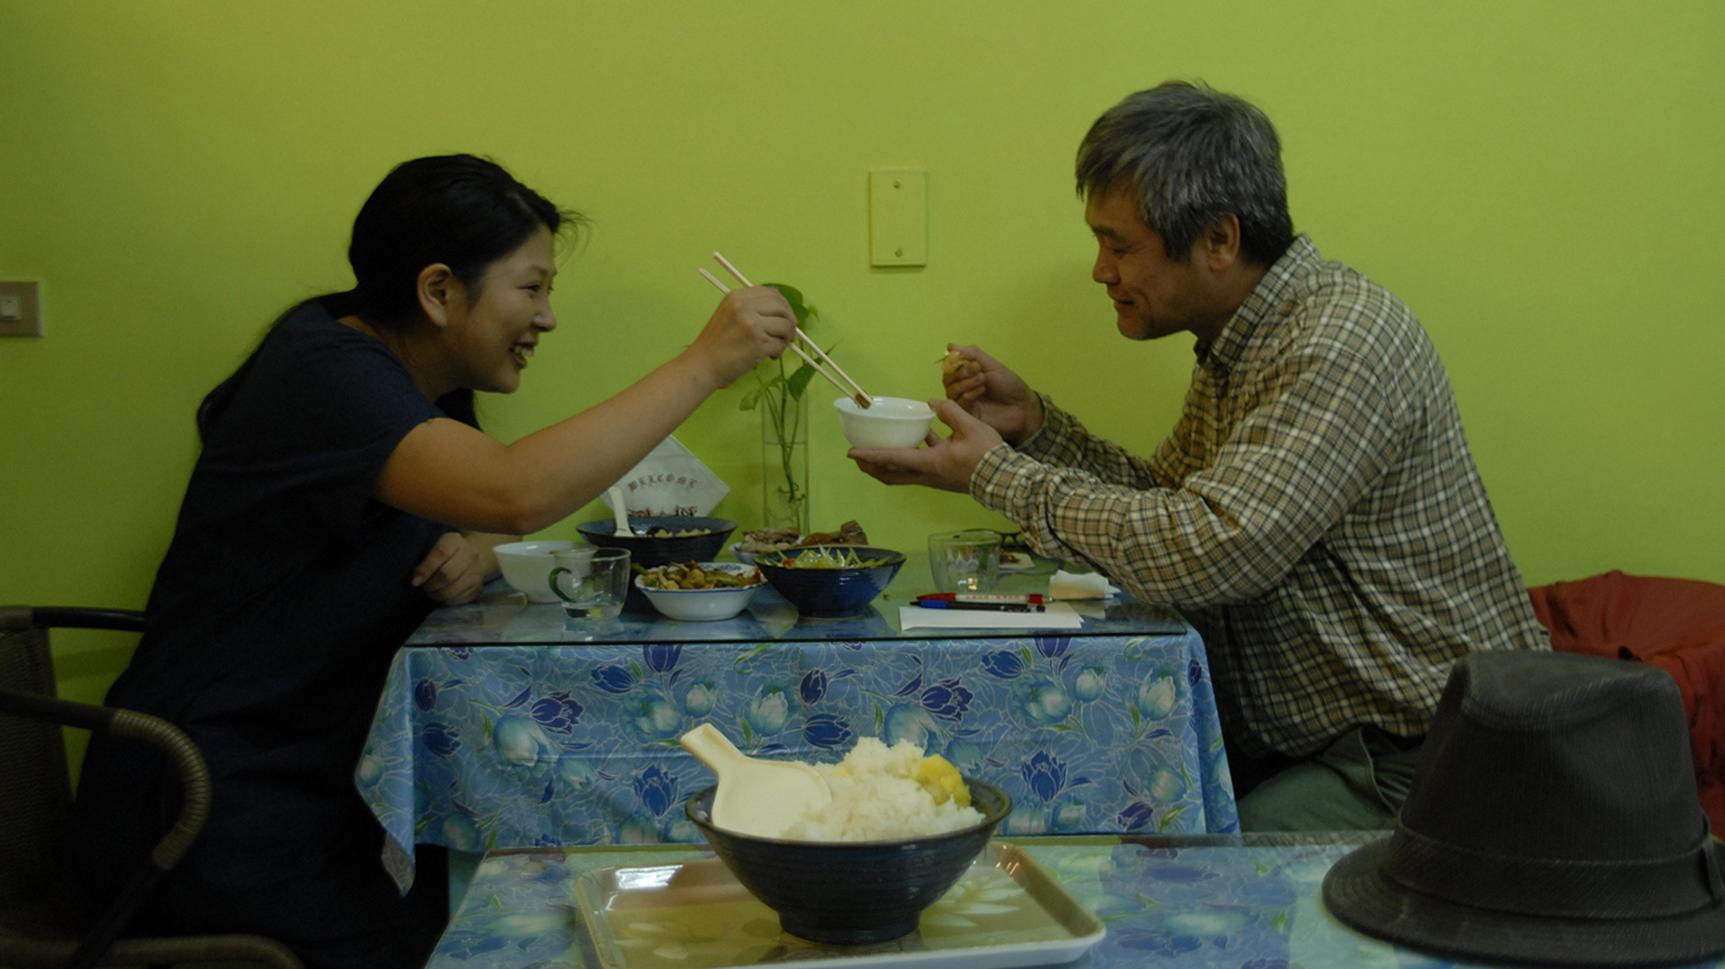 「お父さんと食事|Have a meal with FATHER」2014 video courtesy of TALION GALLERY, Tokyo